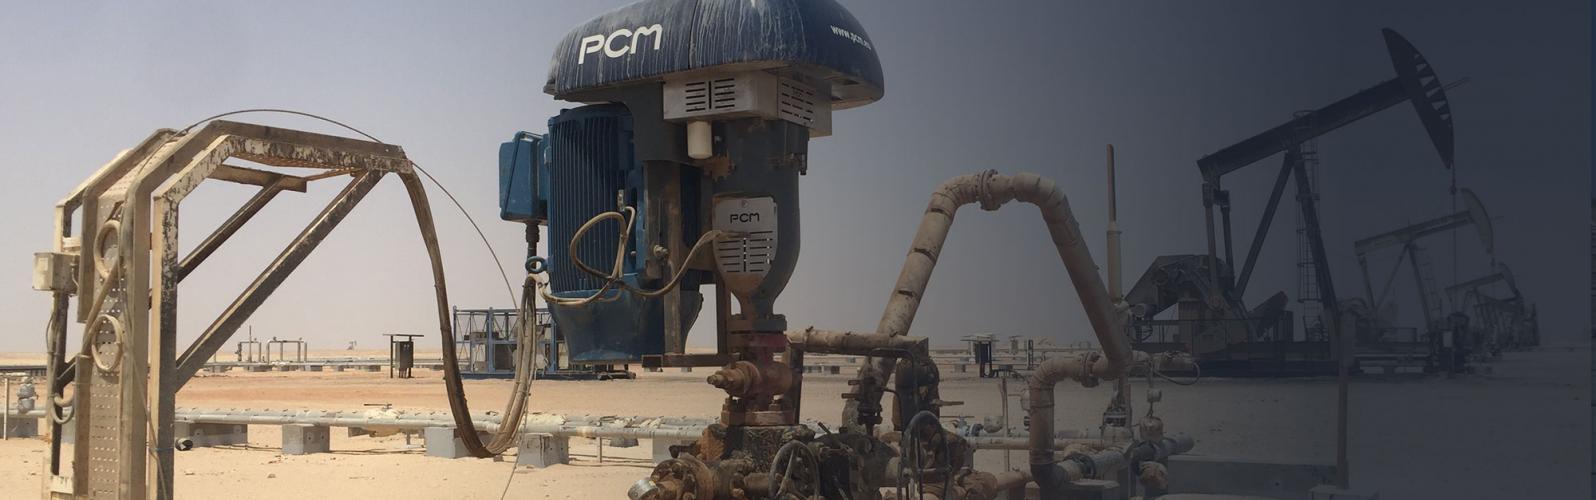 PCM oil&gas unique PCP